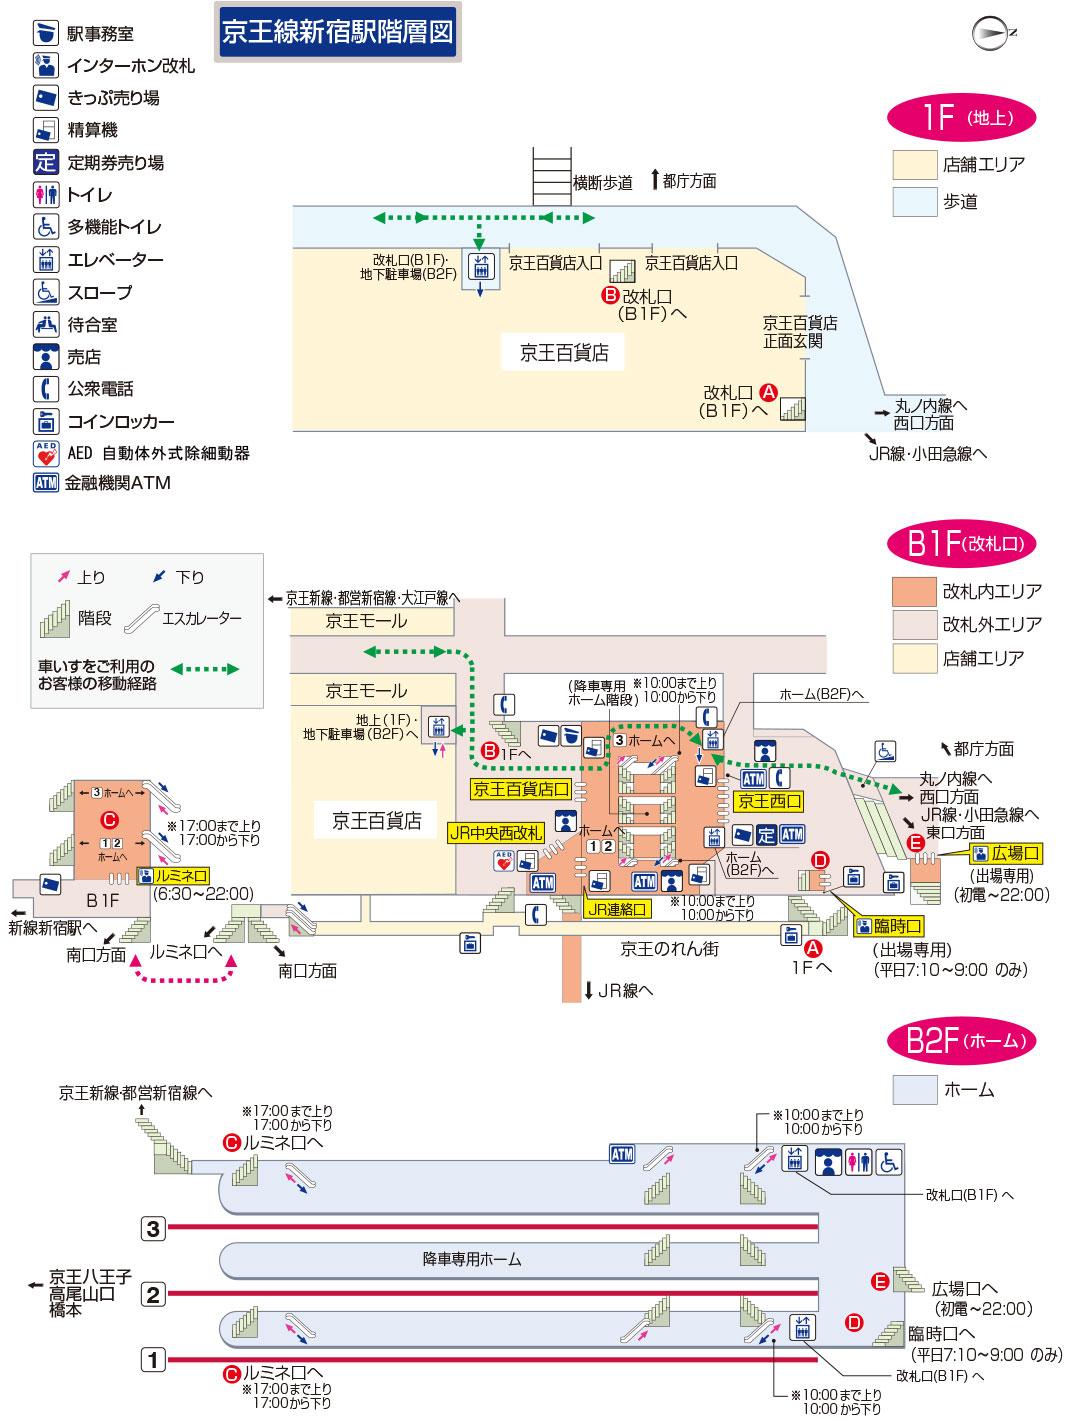 西武 新宿 線 遅延 証明